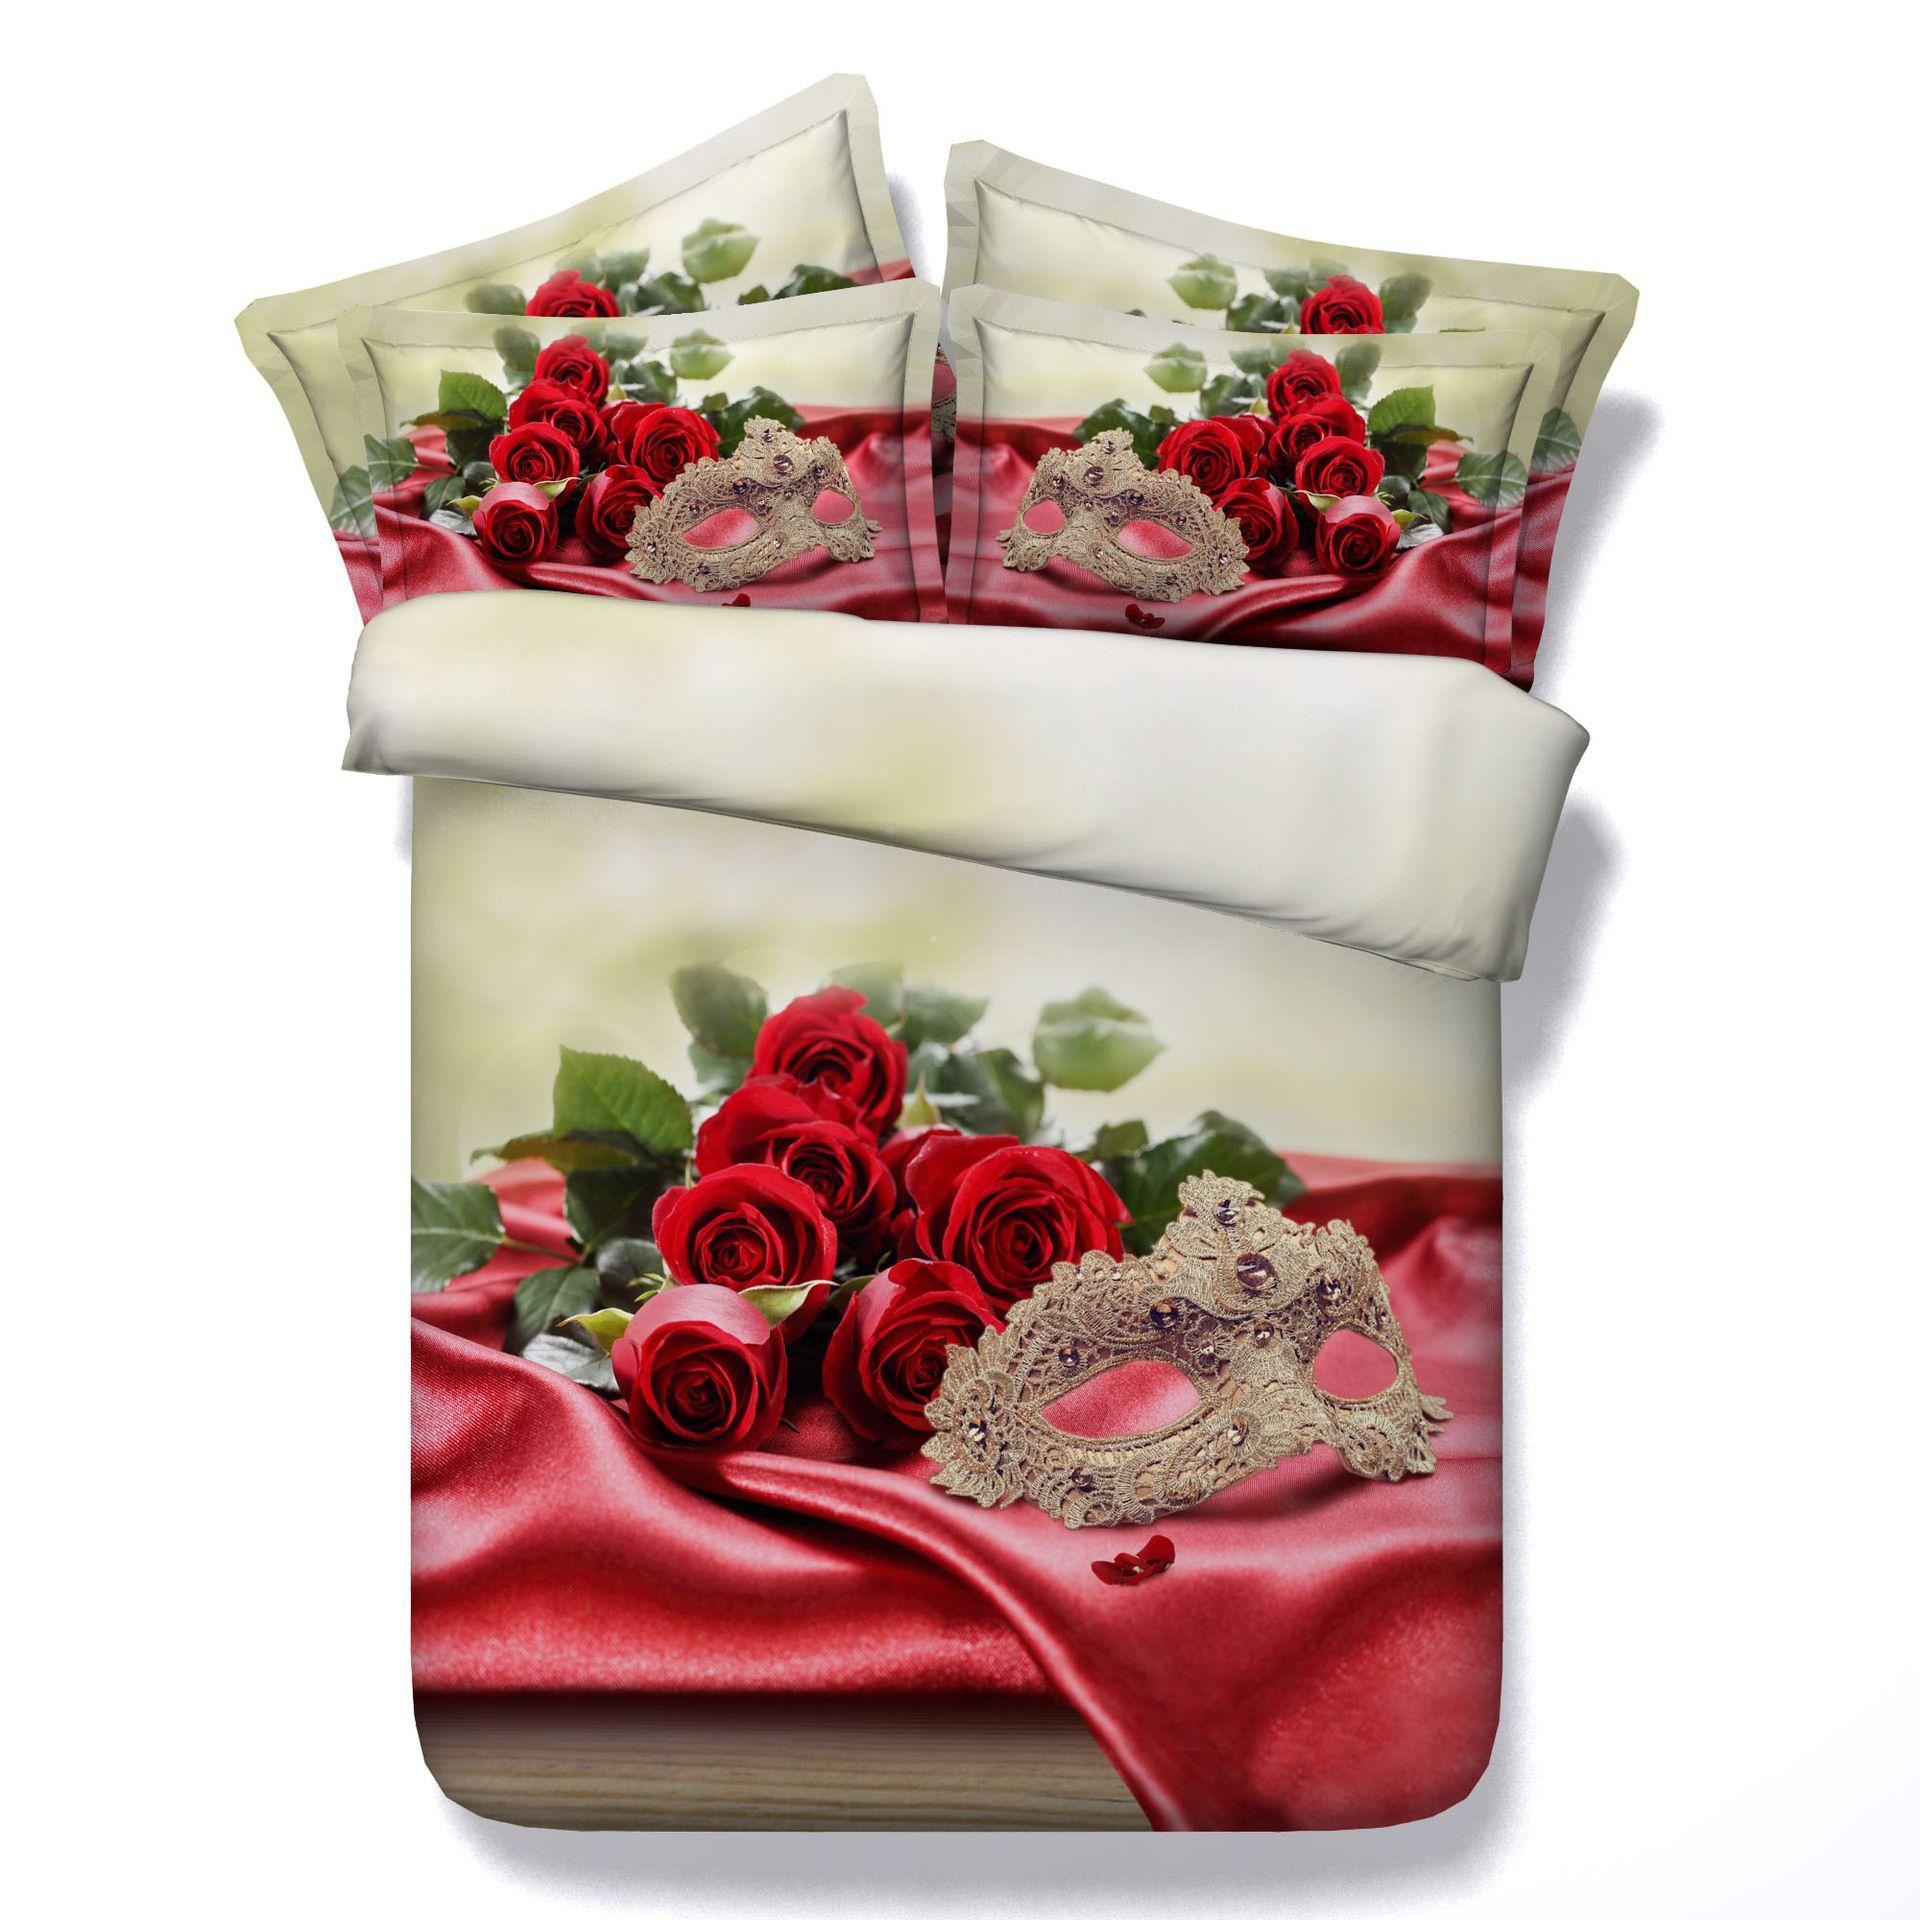 3D rouge rose housse de couette romantique literie ensembles reine floral  couvre-lits de vacances couette couvre linge de lit oreiller couvre masque